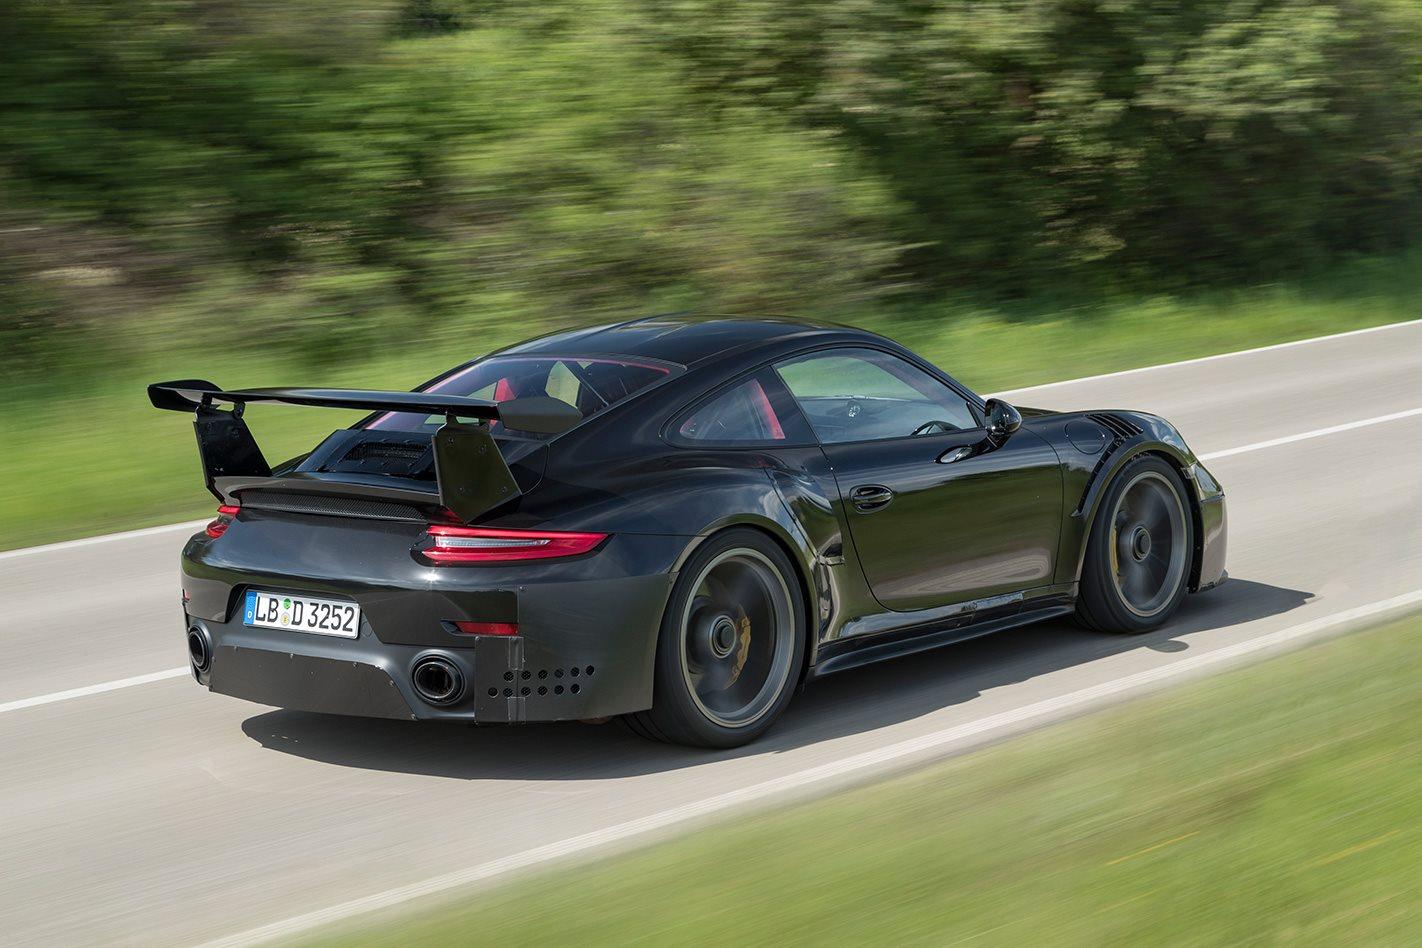 2018 Porsche 911 GT2 RS rear.jpg